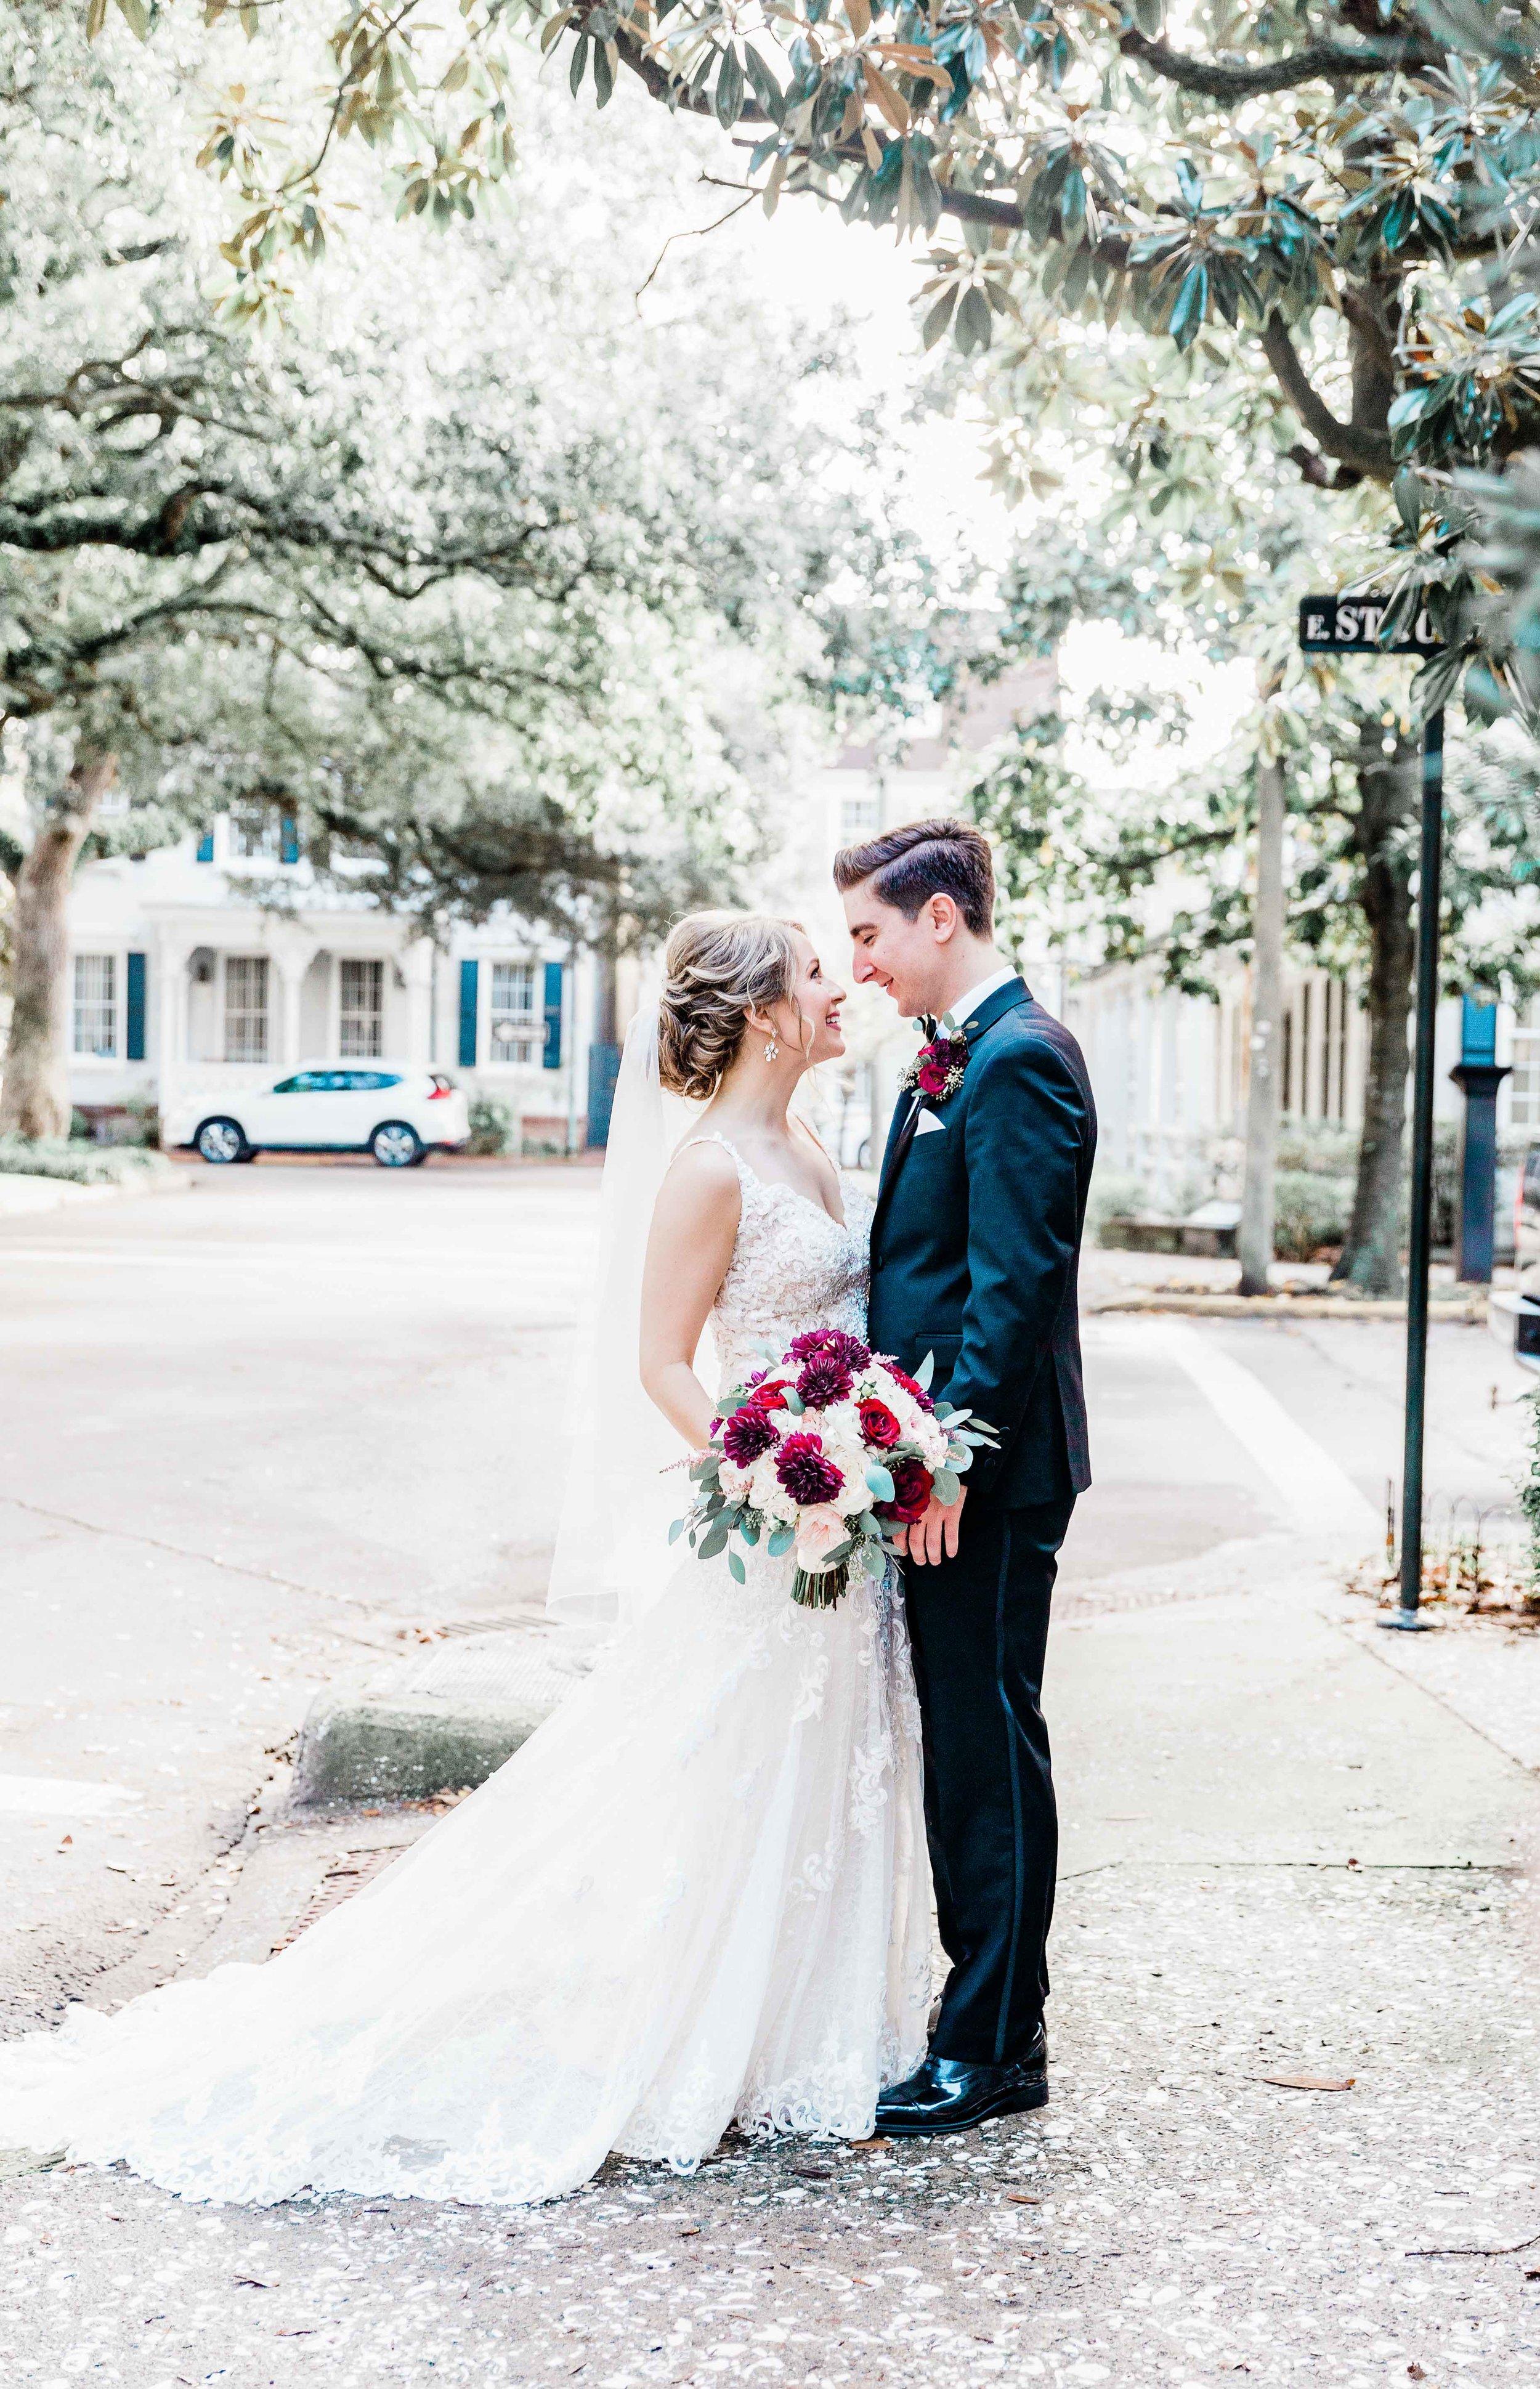 20181109Georgia-Savannah-savannah wedding photography16.jpg